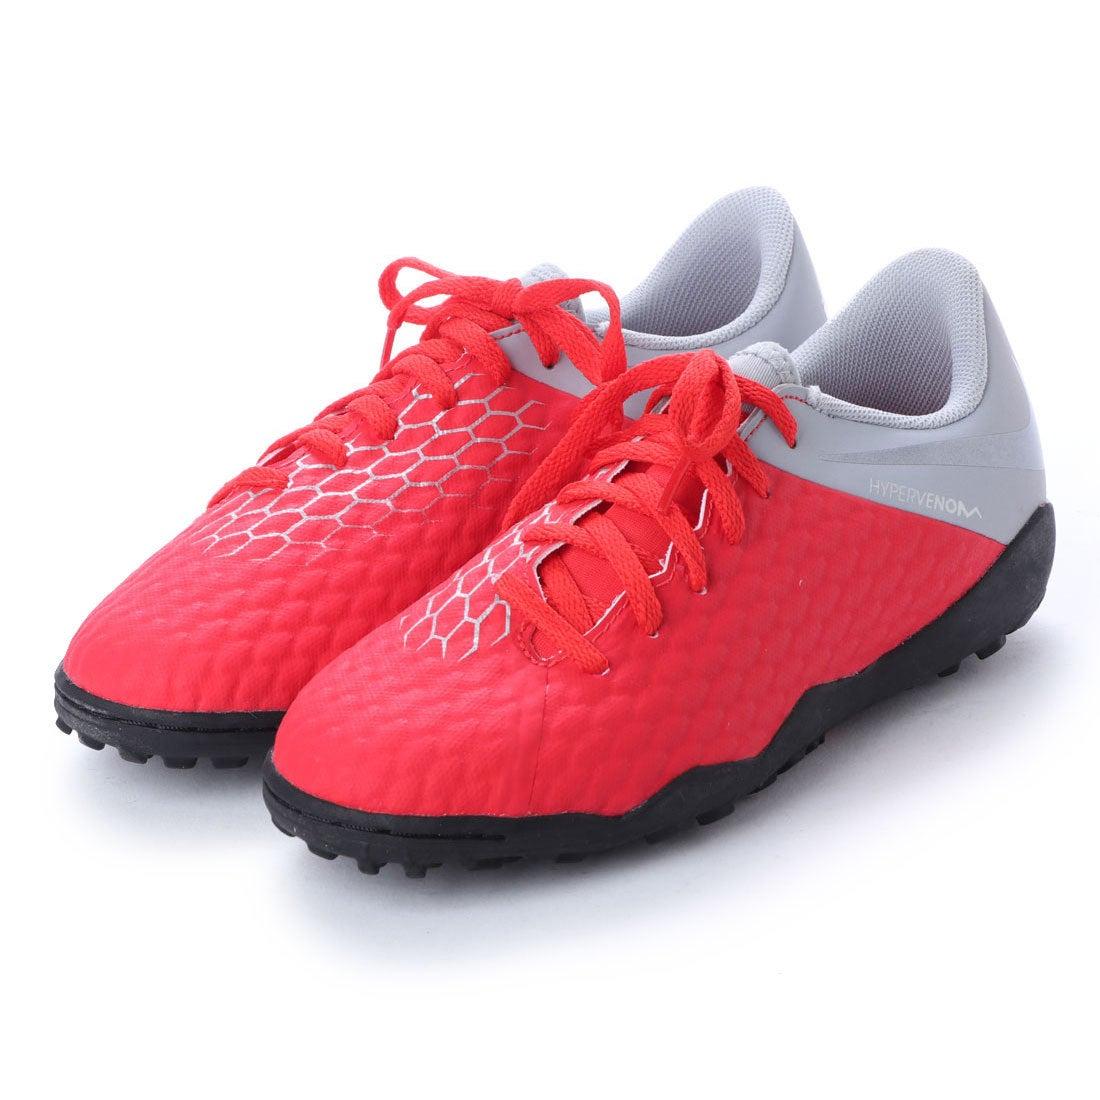 【SALE 10%OFF】ナイキ NIKE ジュニア サッカー トレーニングシューズ ジュニア ハイパーヴェノム 3 アカデミー TF AJ3797600